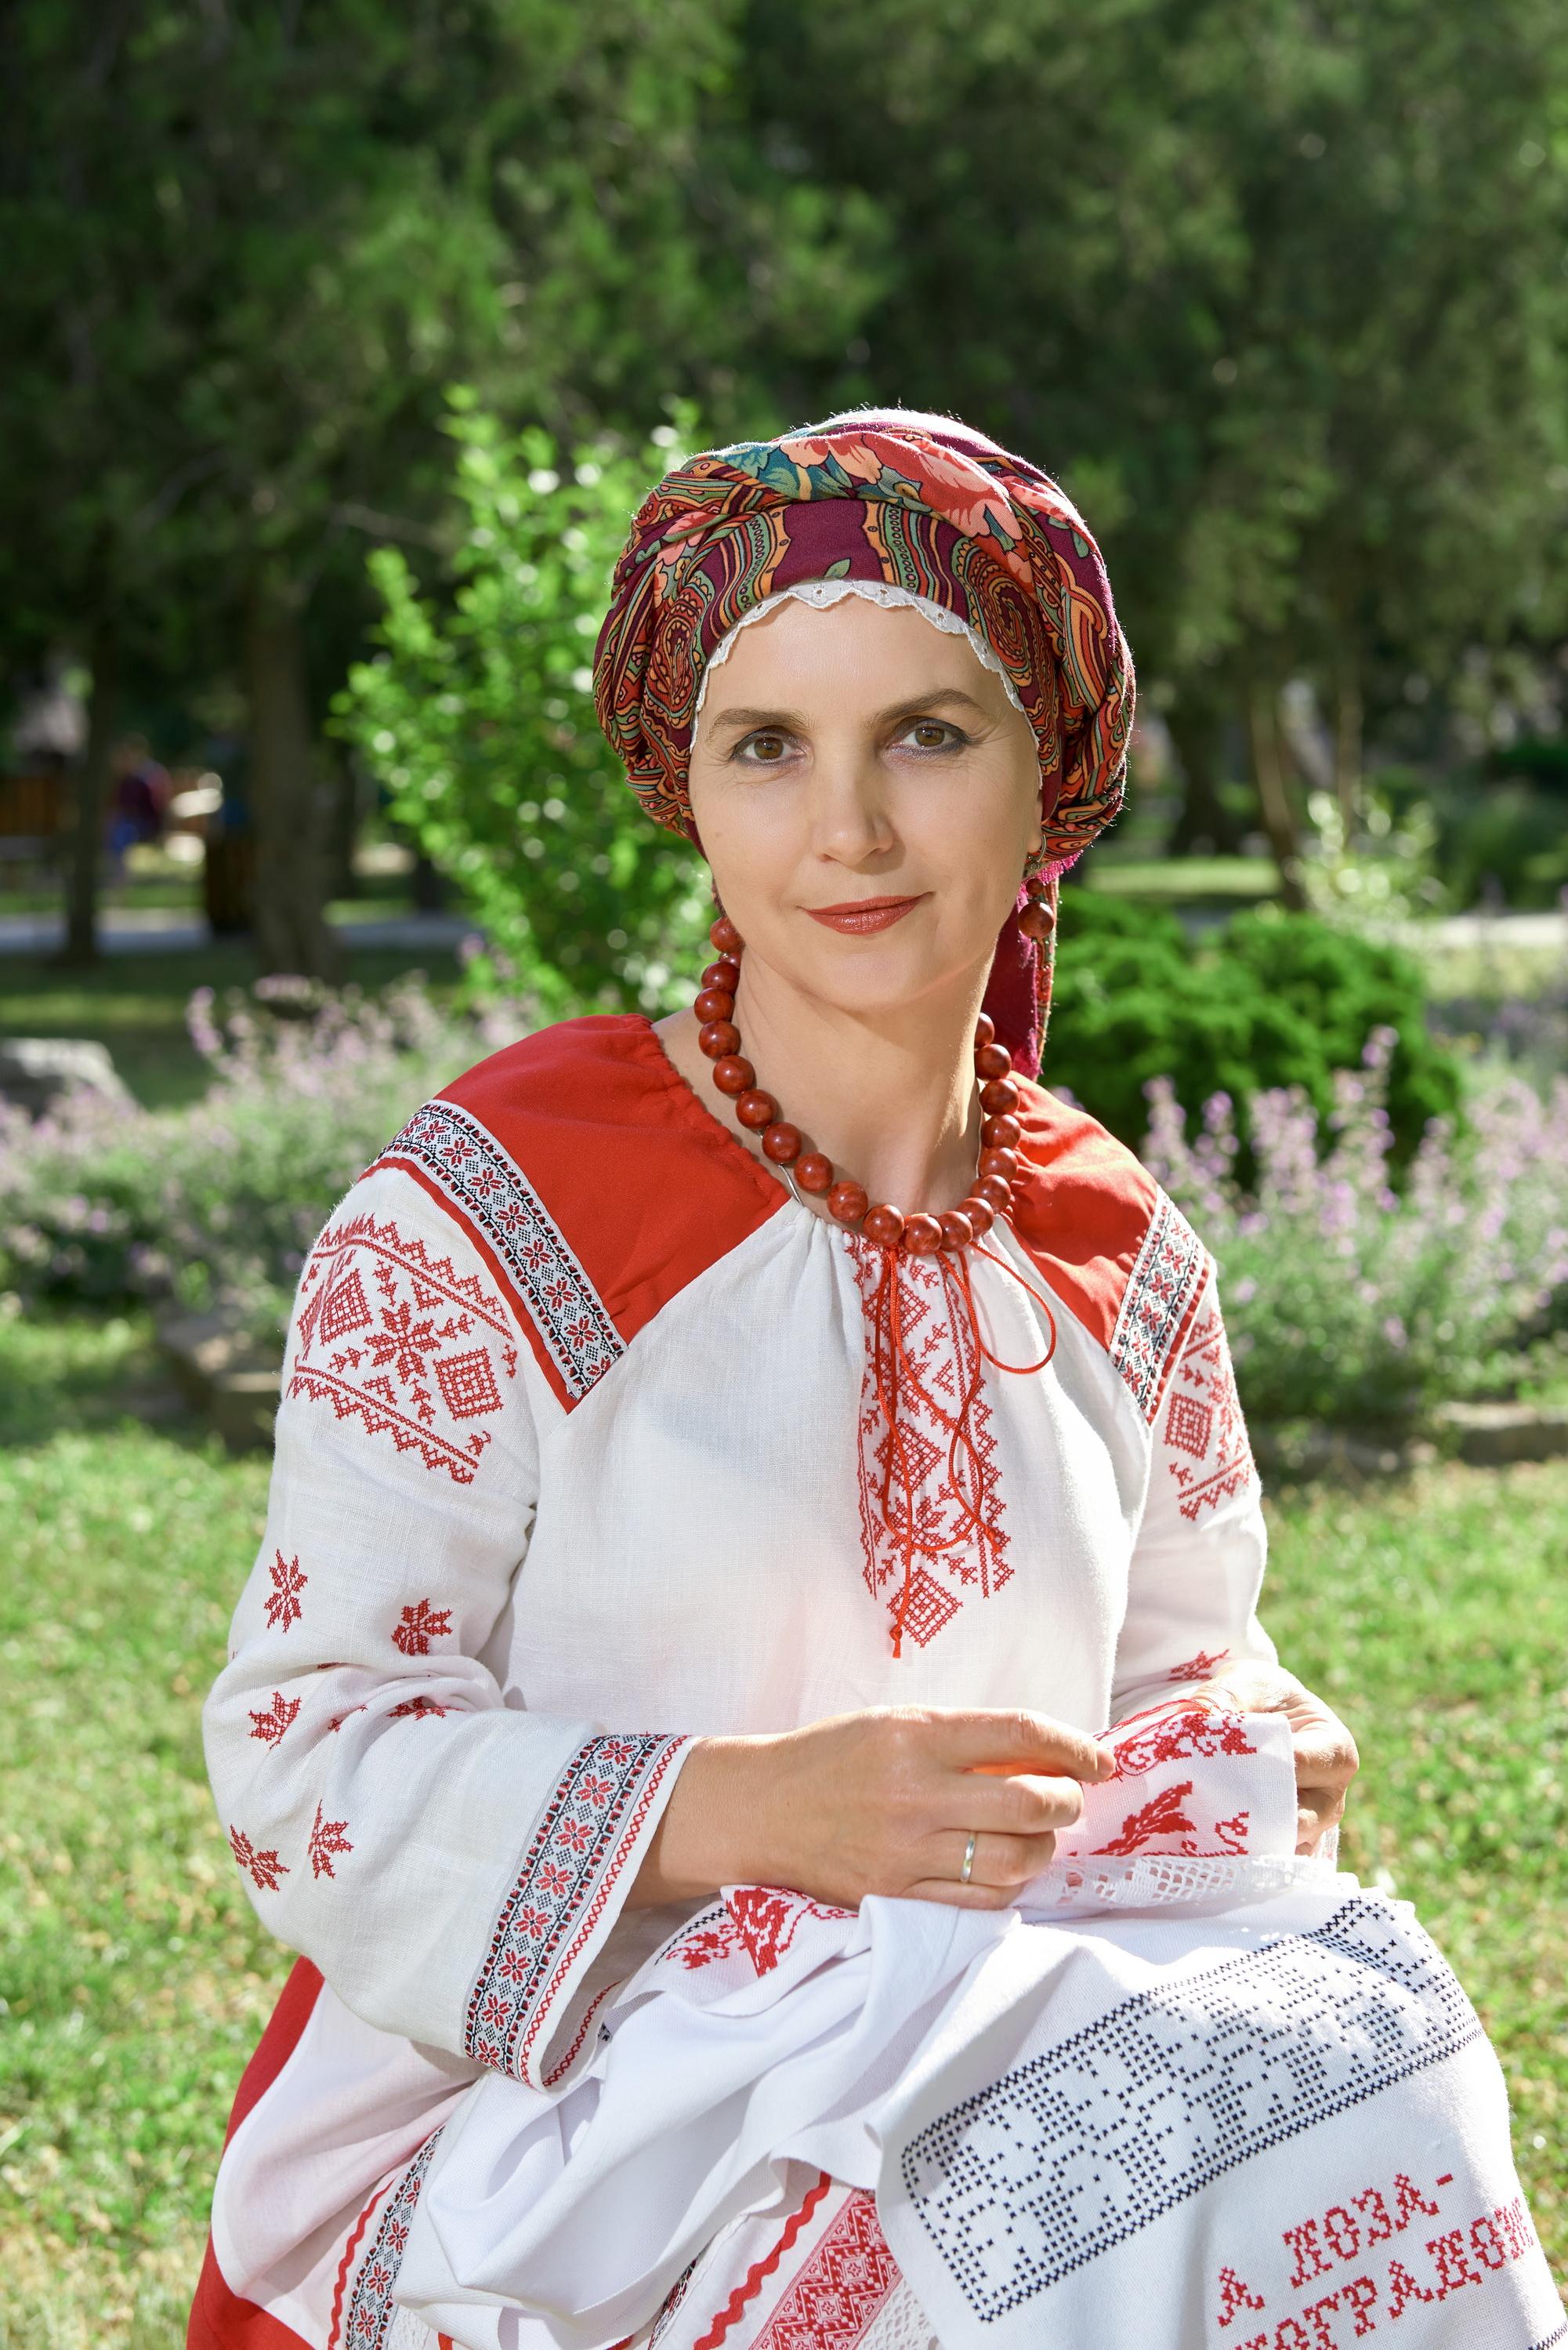 В Астрахани пройдет мастер-класс по орнаментам  традиционного народного текстиля